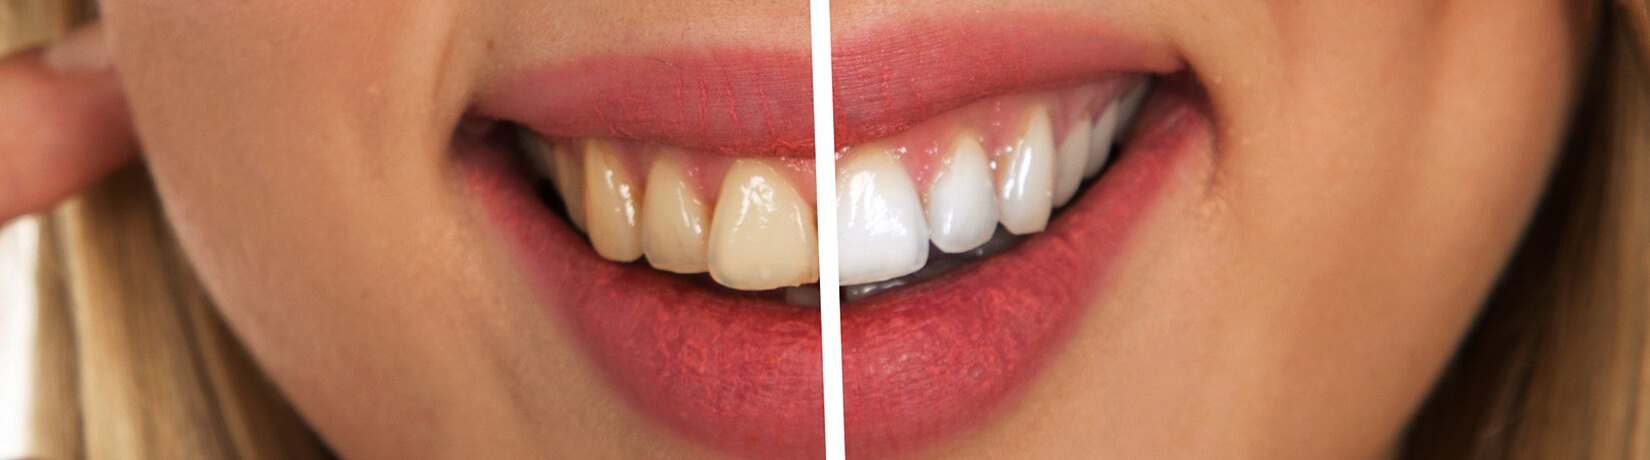 Как избежать образования зубного налета от кофе, чая и сигарет